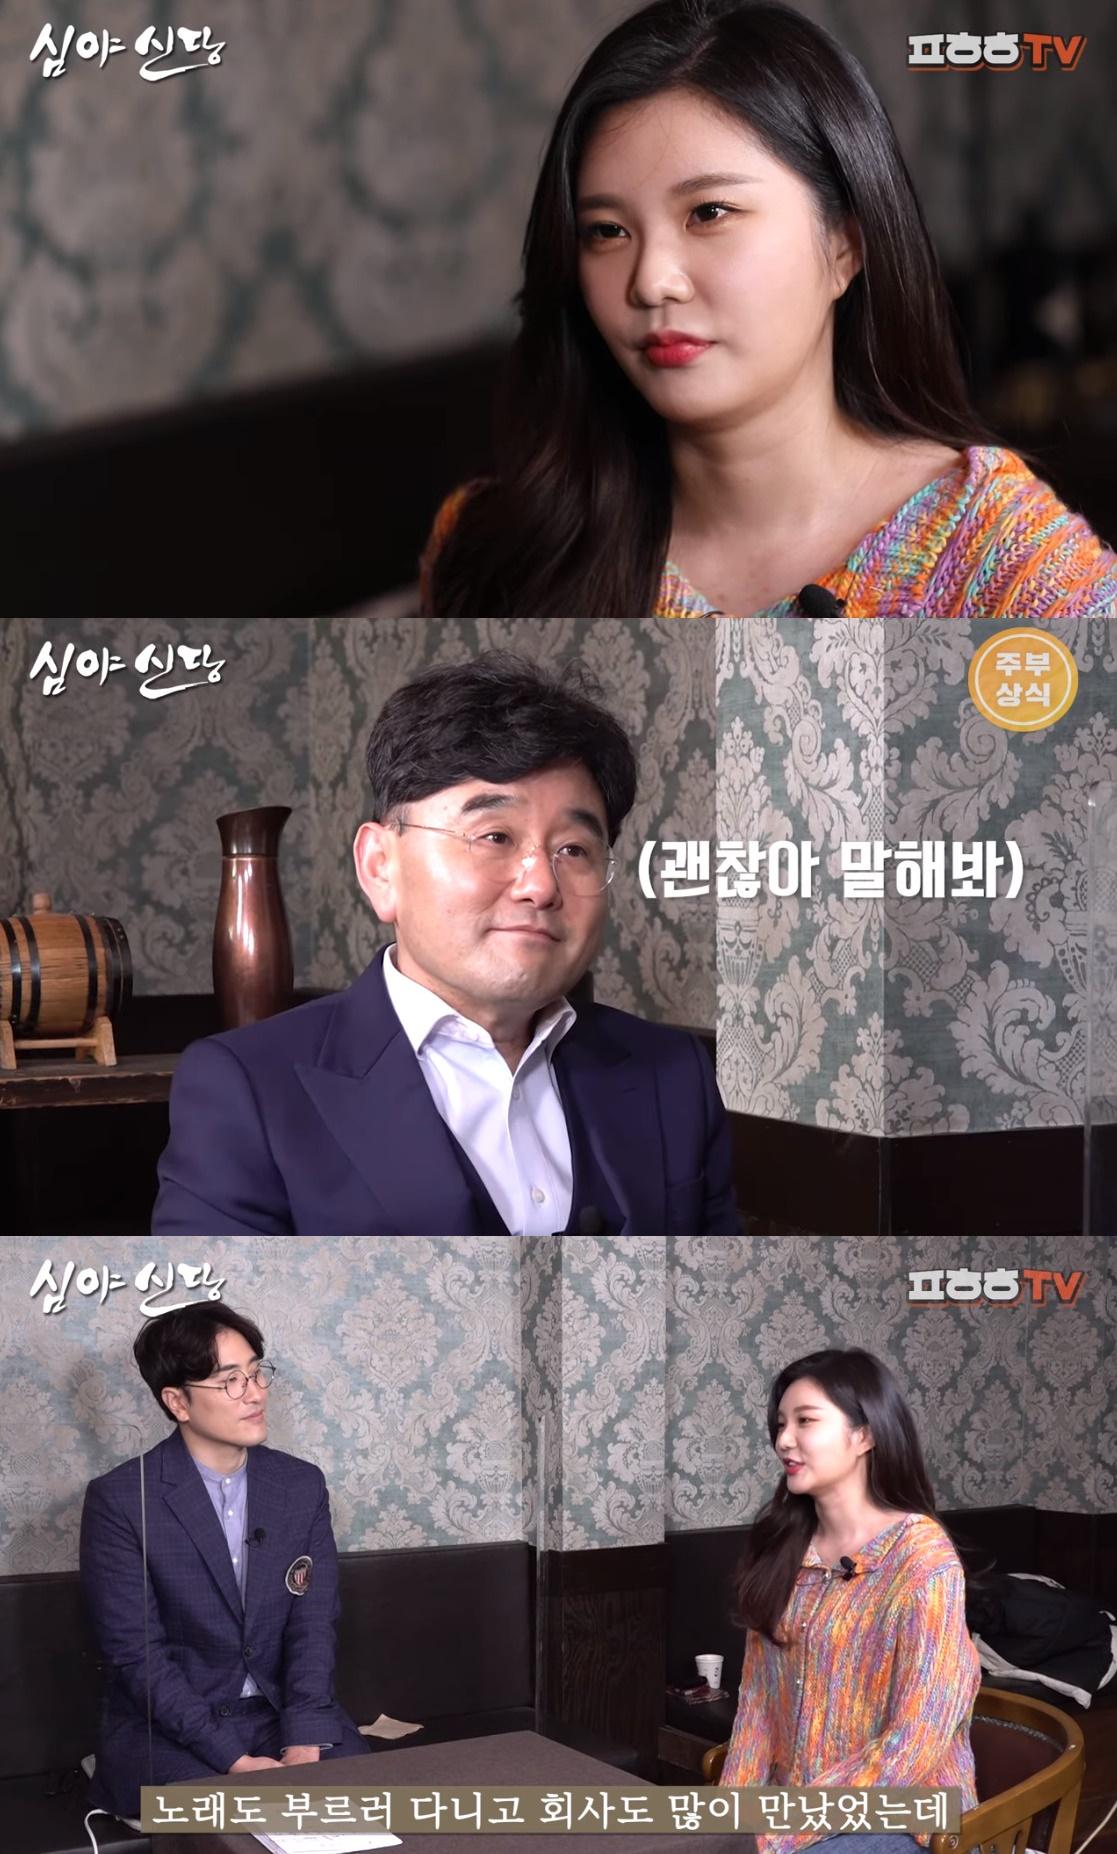 """[소셜iN] 강승연 """"전 매니저가 술자리 강요"""" 충격 폭로"""